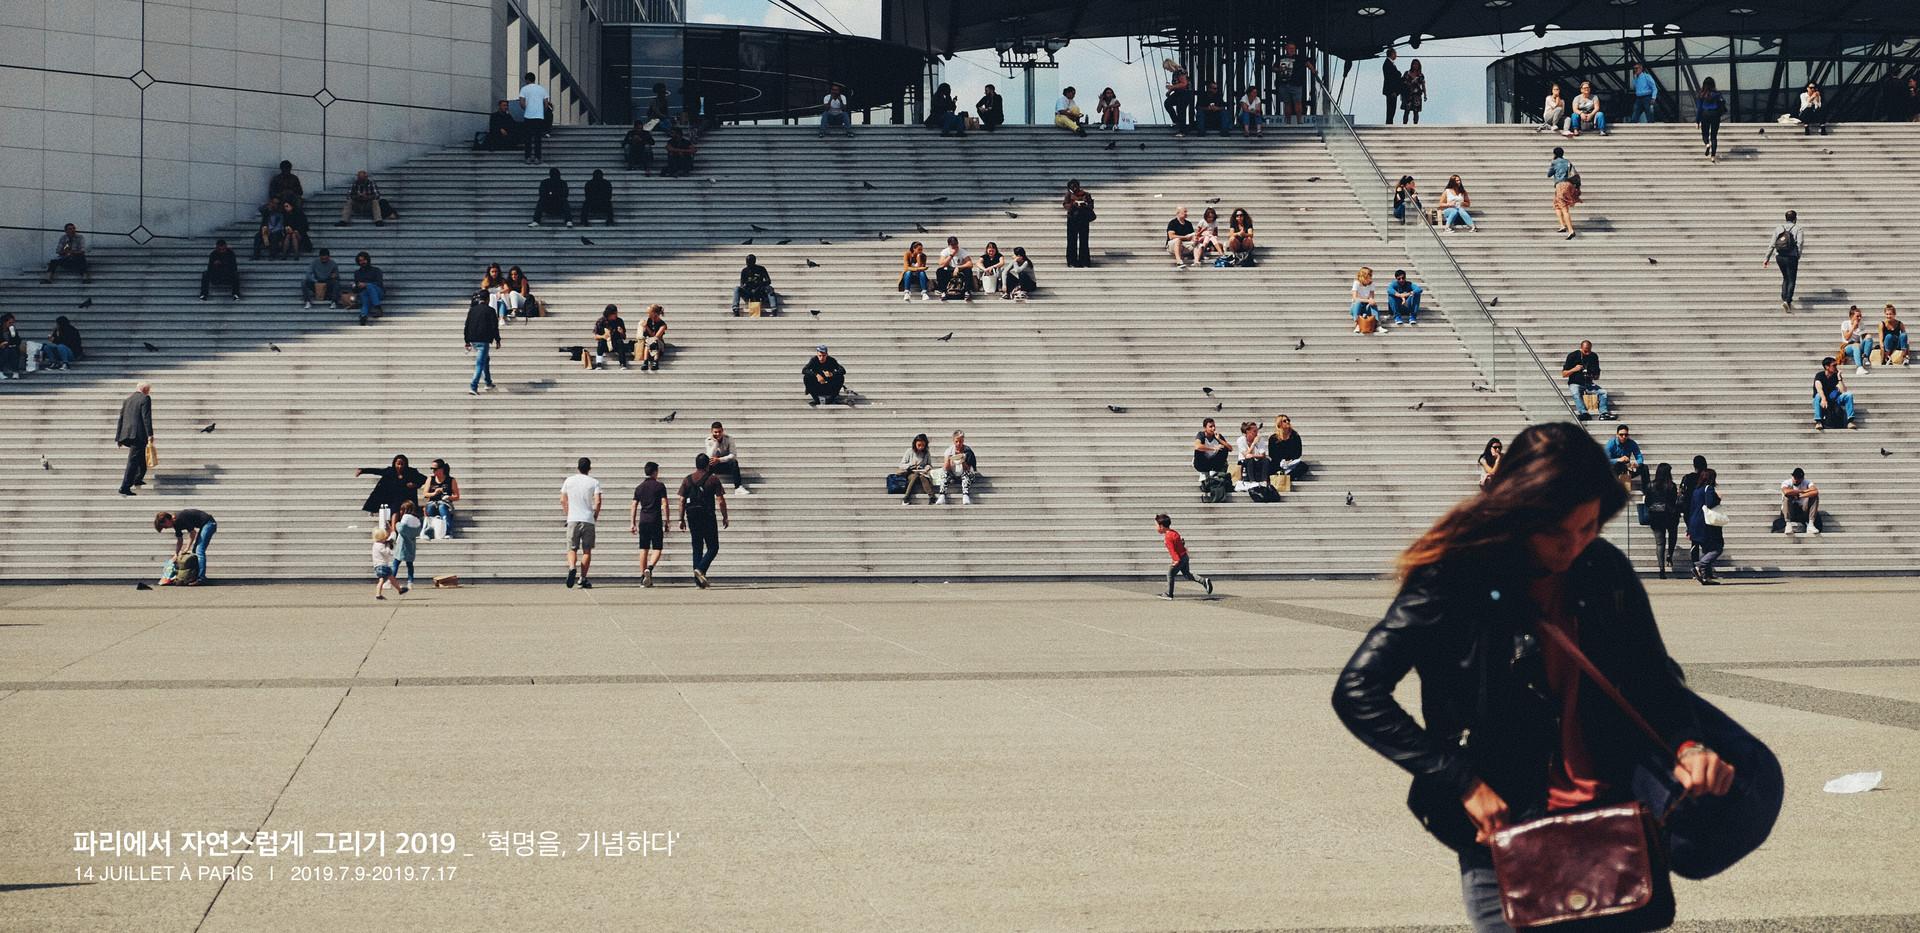 파리에서 자연스럽게 그리기 _ 가로 포스터 _ 11.jpg